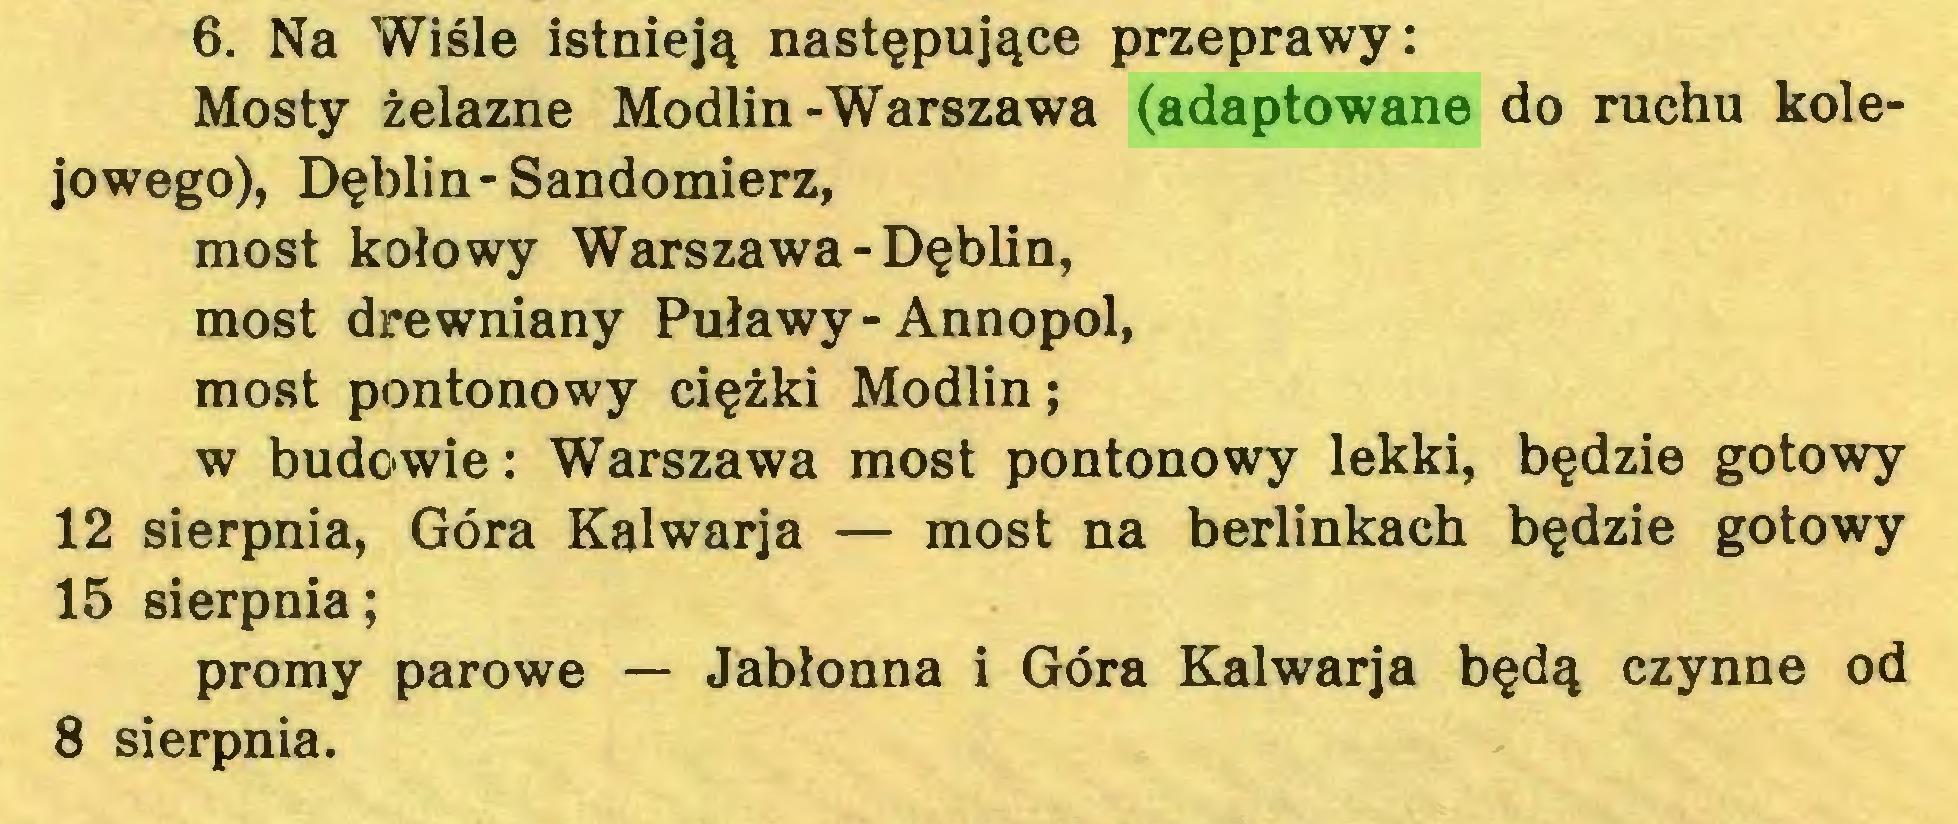 (...) 6. Na Wiśle istnieją następujące przeprawy: Mosty żelazne Modlin-Warszawa (adaptowane do ruchu kolejowego), Dęblin-Sandomierz, most kołowy Warszawa-Dęblin, most drewniany Puławy-Annopol, most pontonowy ciężki Modlin; w budowie: Warszawa most pontonowy lekki, będzie gotowy 12 sierpnia, Góra Kalwarja — most na berlinkach będzie gotowy 15 sierpnia; promy parowe — Jabłonna i Góra Kalwarja będą czynne od 8 sierpnia...